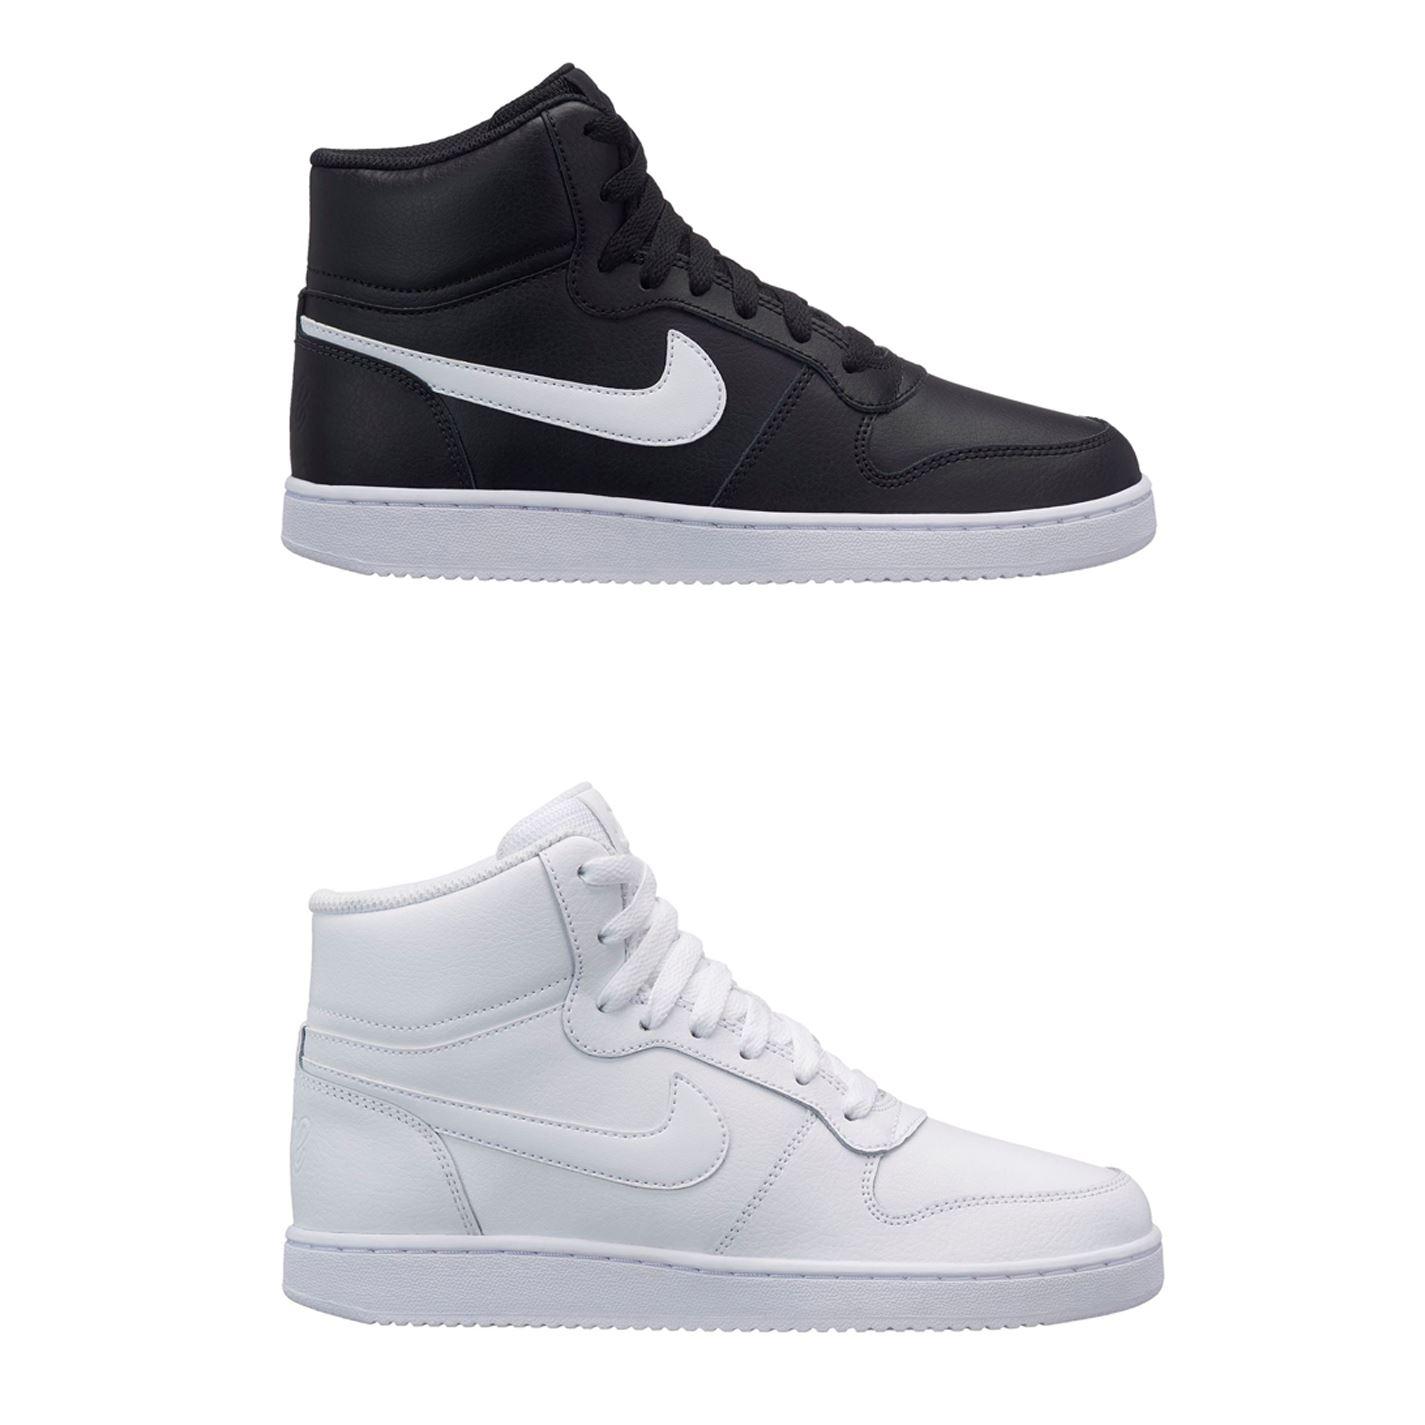 5 zapatillas de baloncesto de Nike más deseadas en 2017